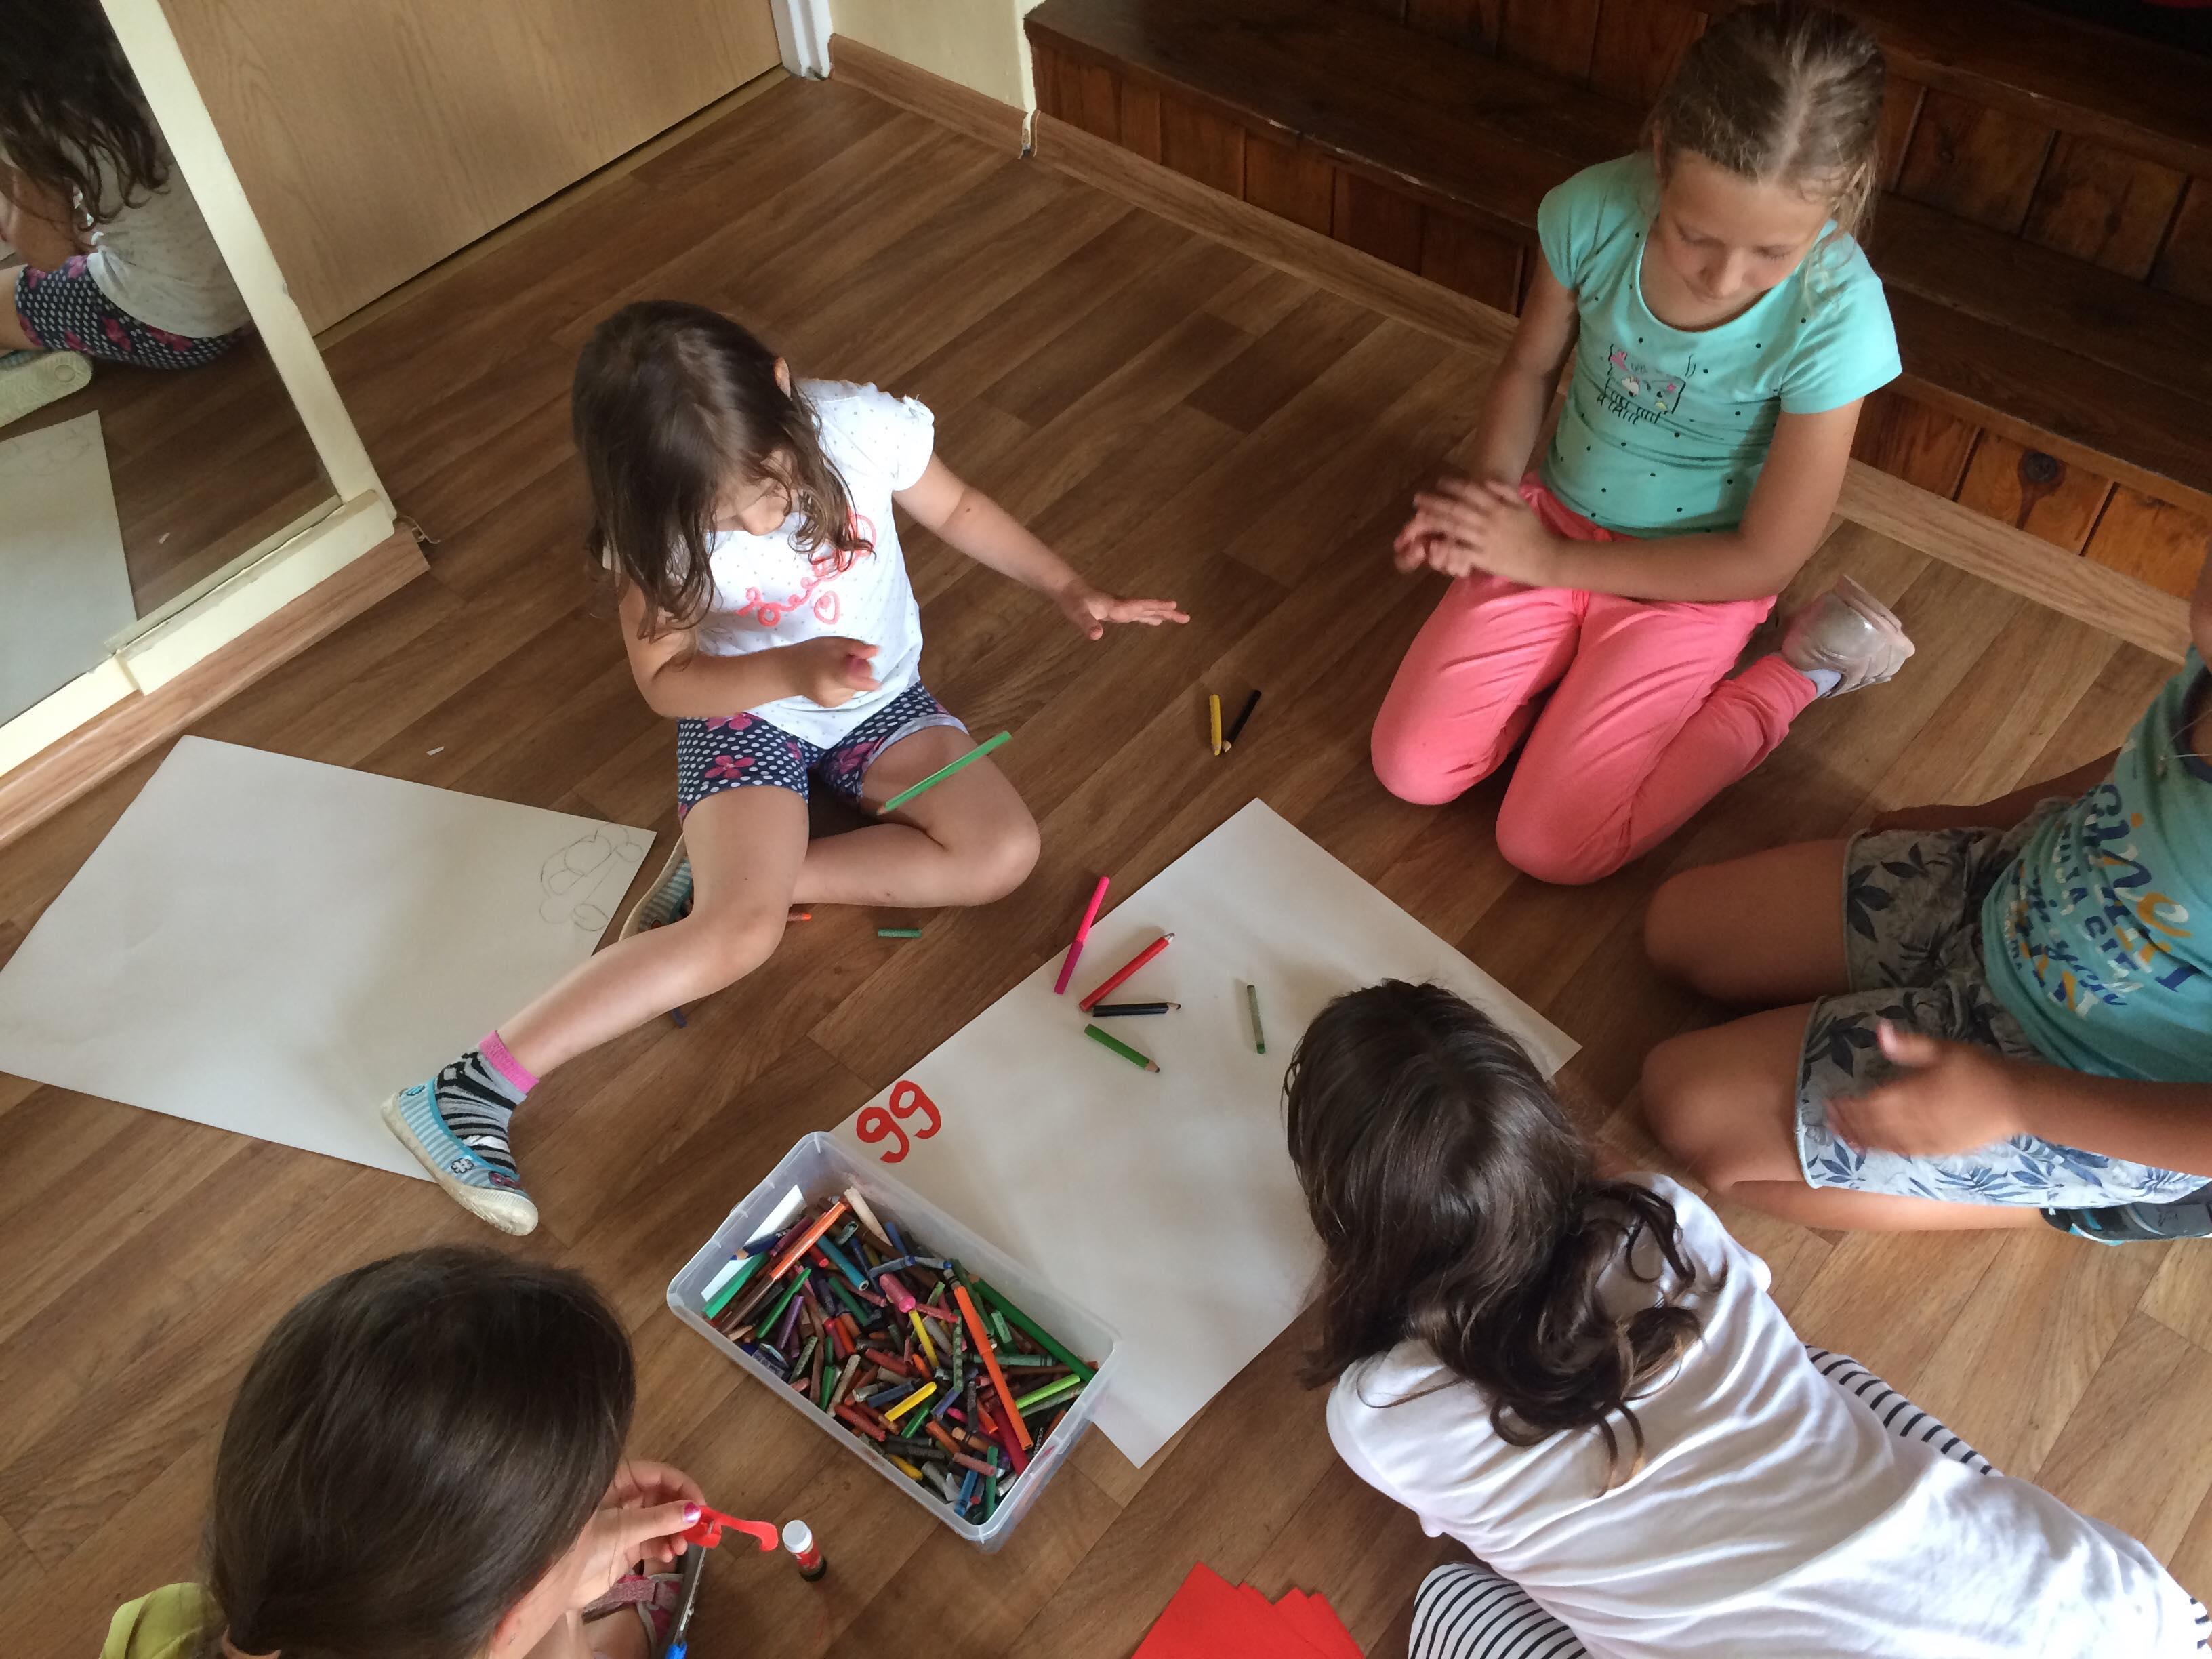 Dzieci siedzą na podłodze i przygotowują rysunek